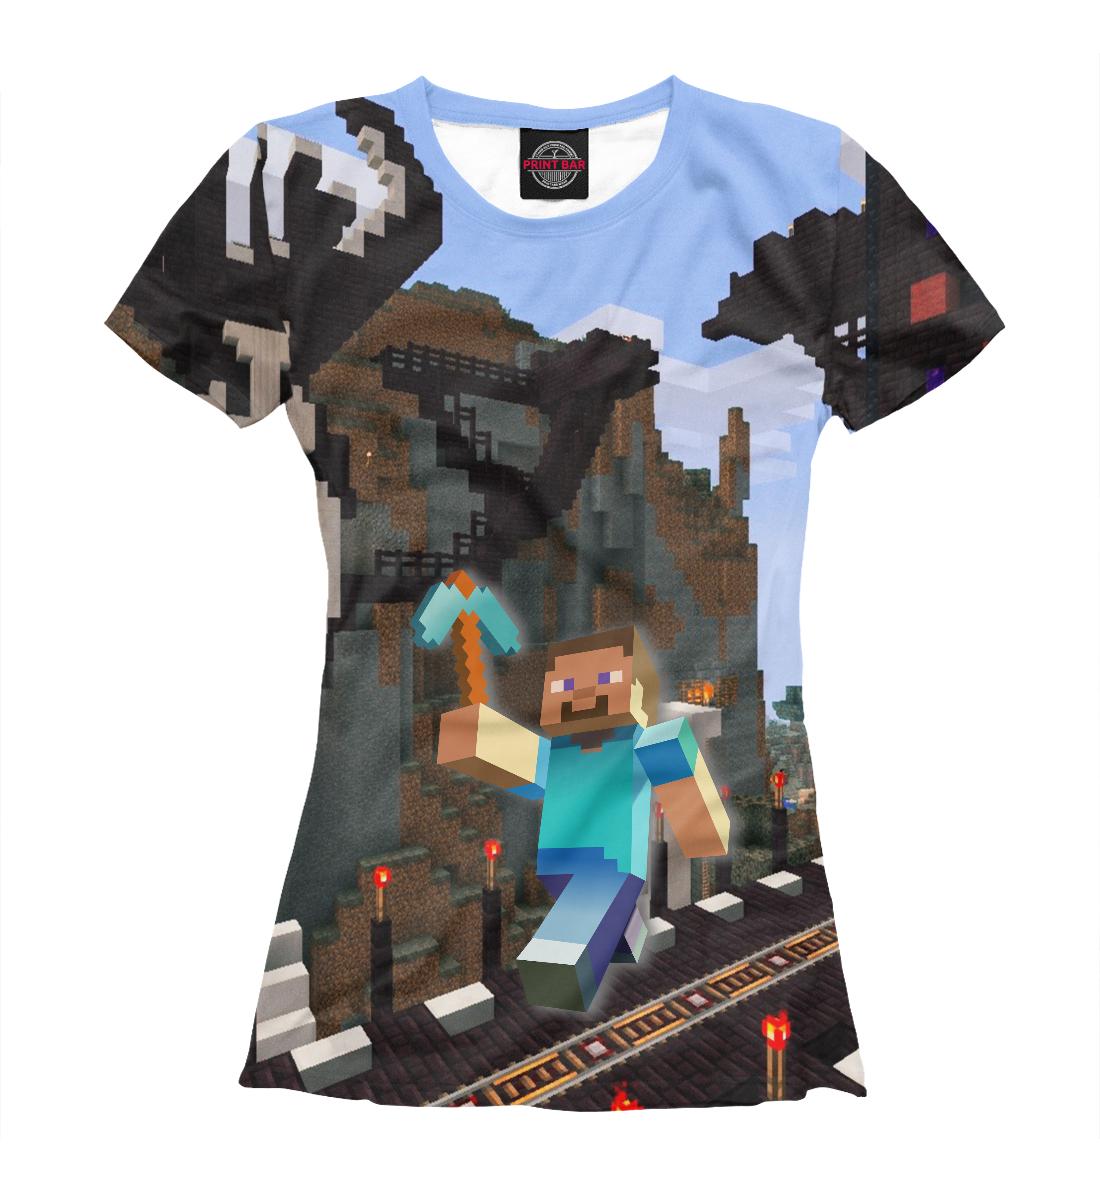 футболки с майнкрафтом в спб #2